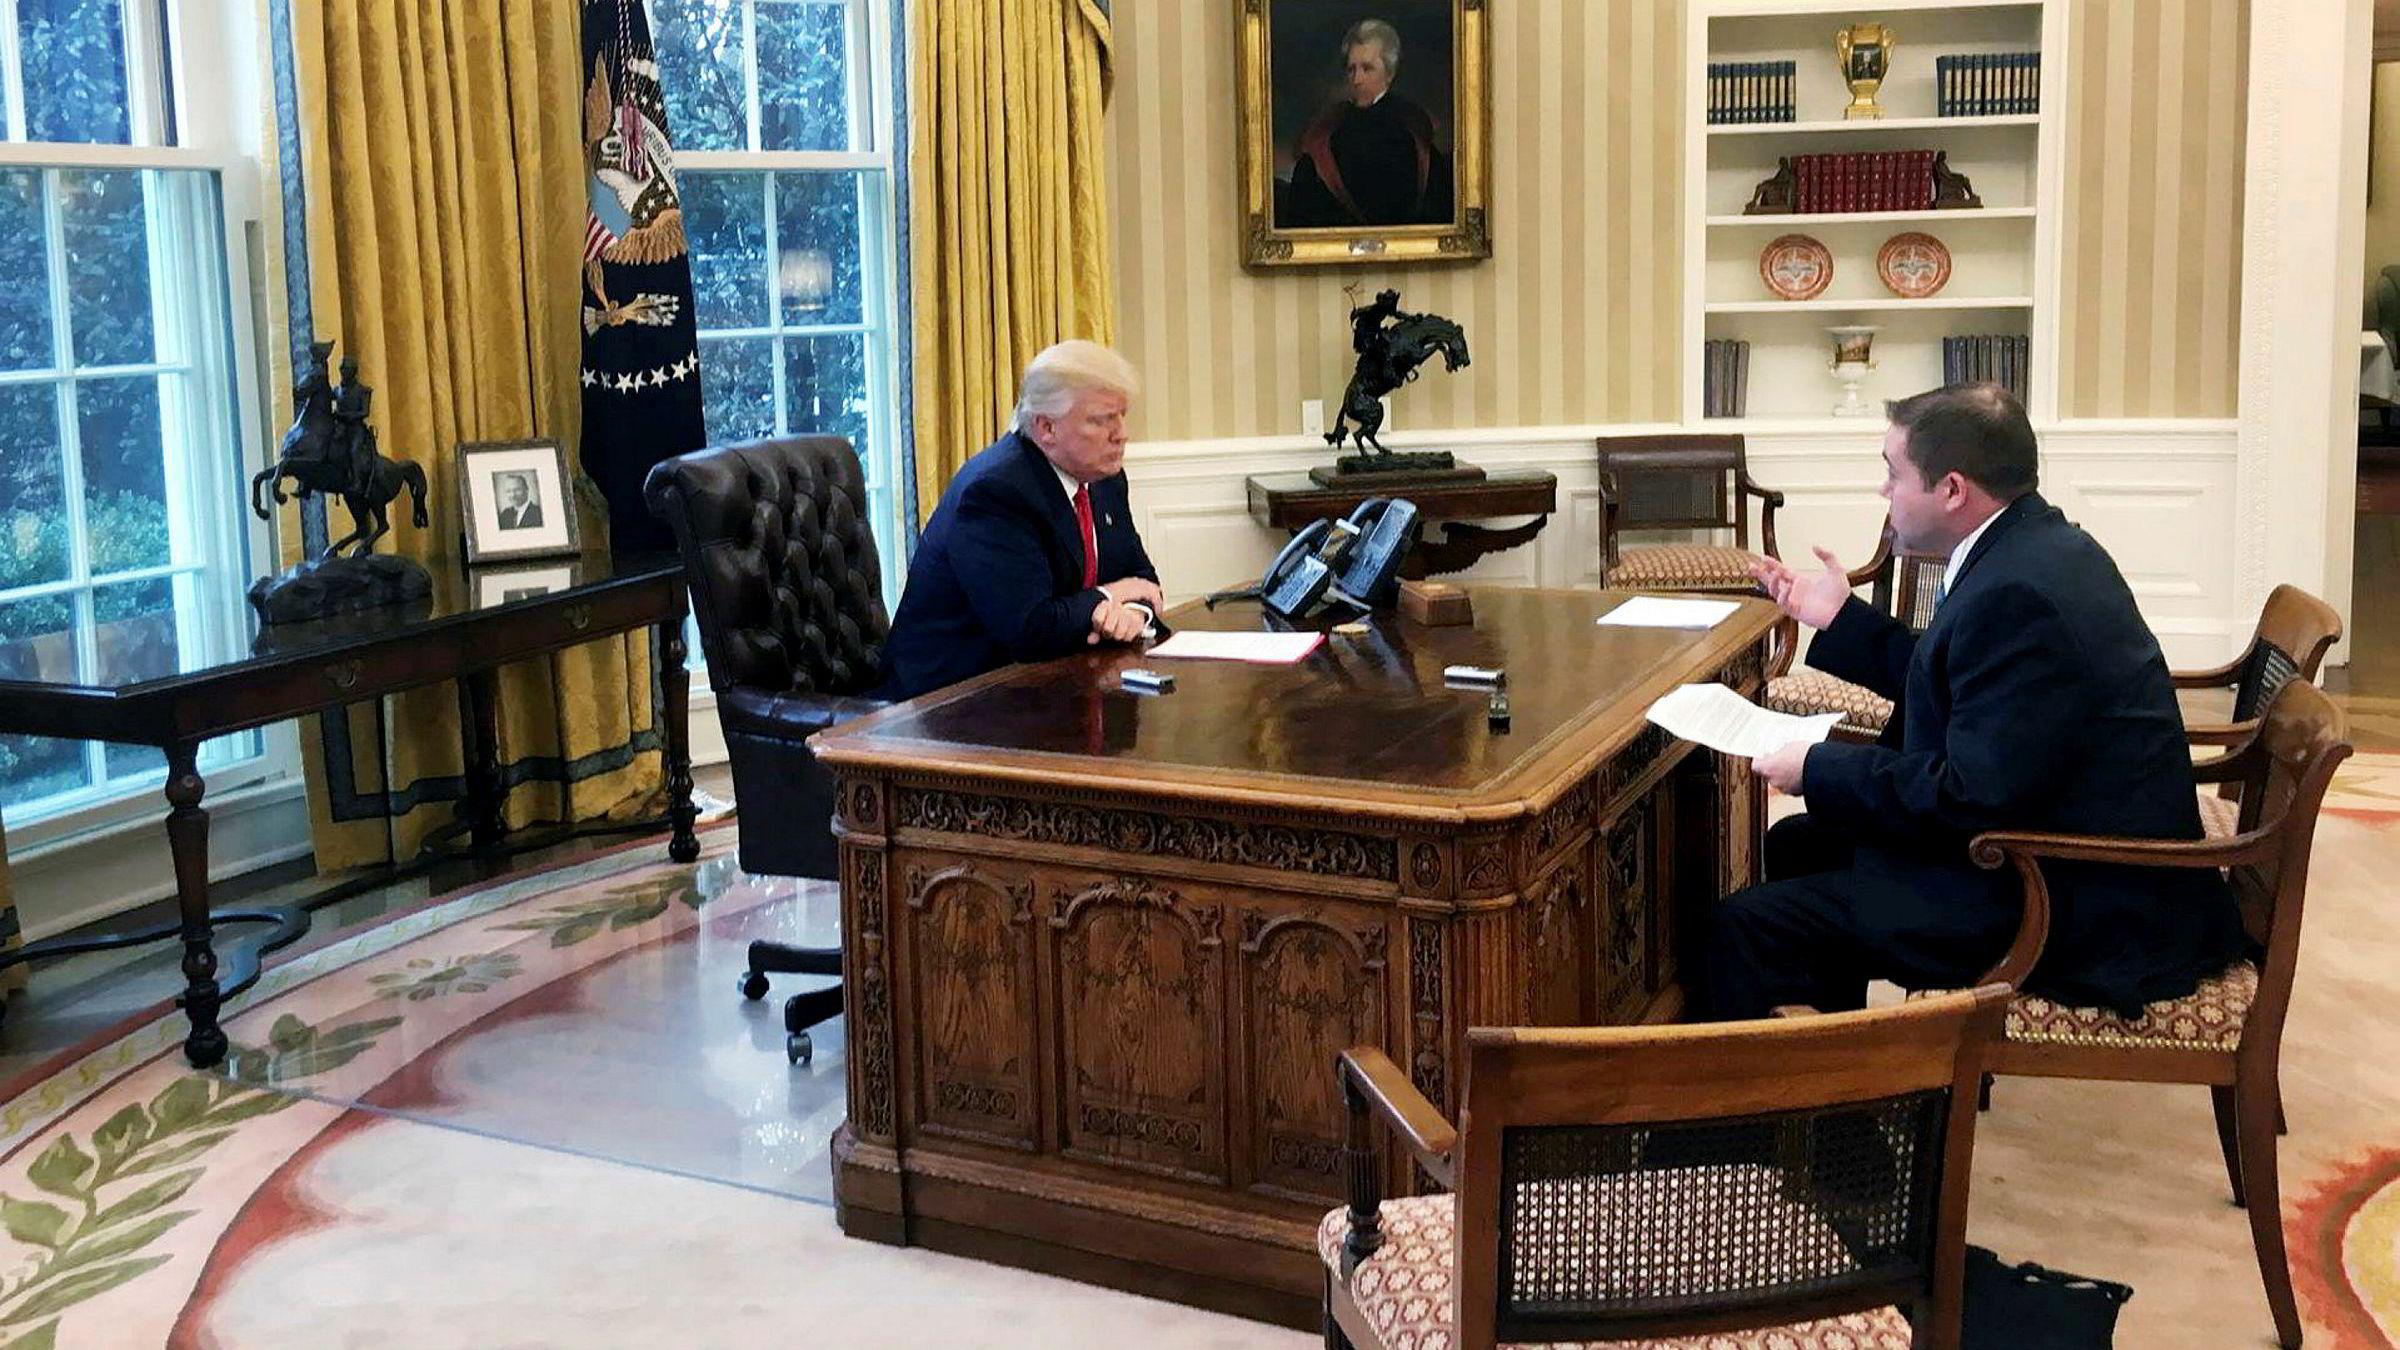 Breitbarts politiske redaktør, Matthew Boyle i møte med president Donald Trump.